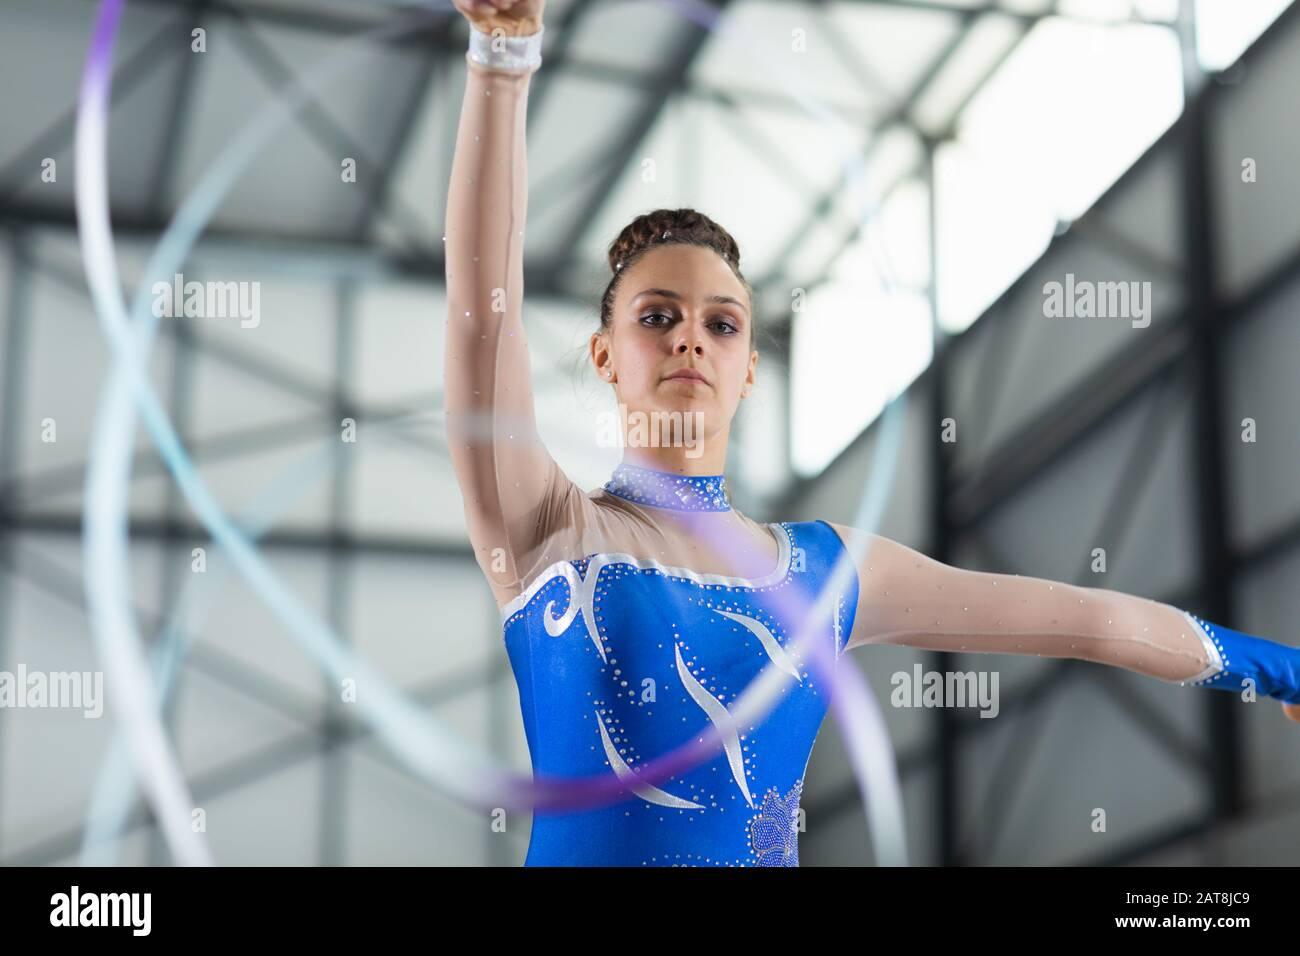 Entrenamiento de gimnasta en el gimnasio Foto de stock